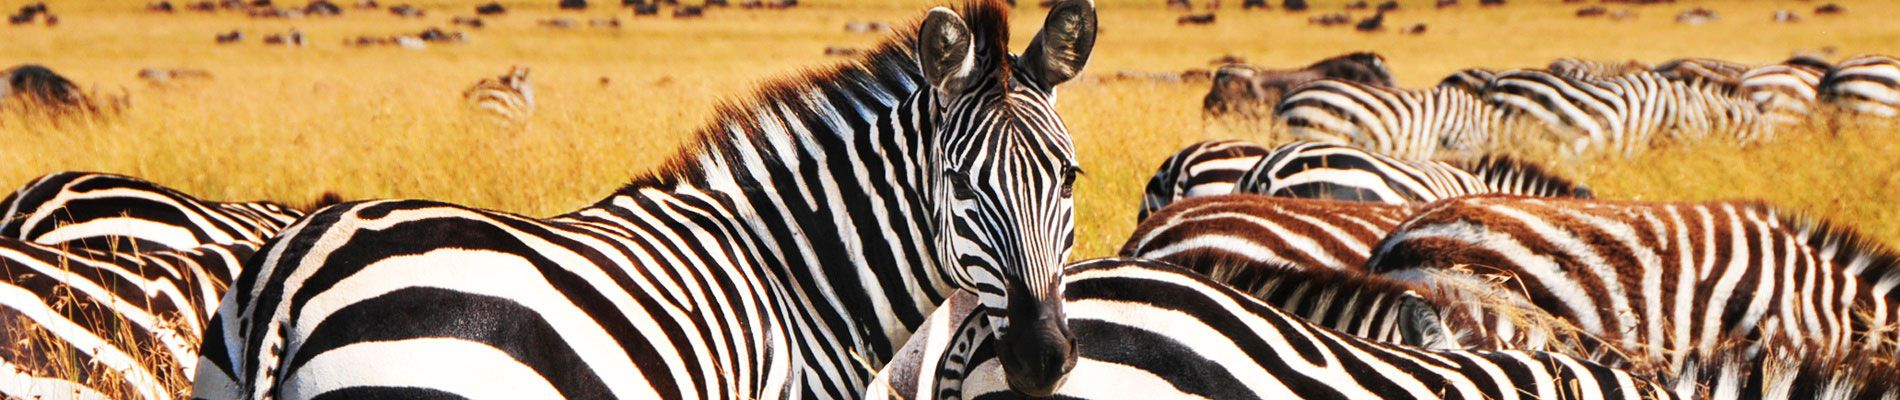 afrique-du-sud-safari-zebre-s